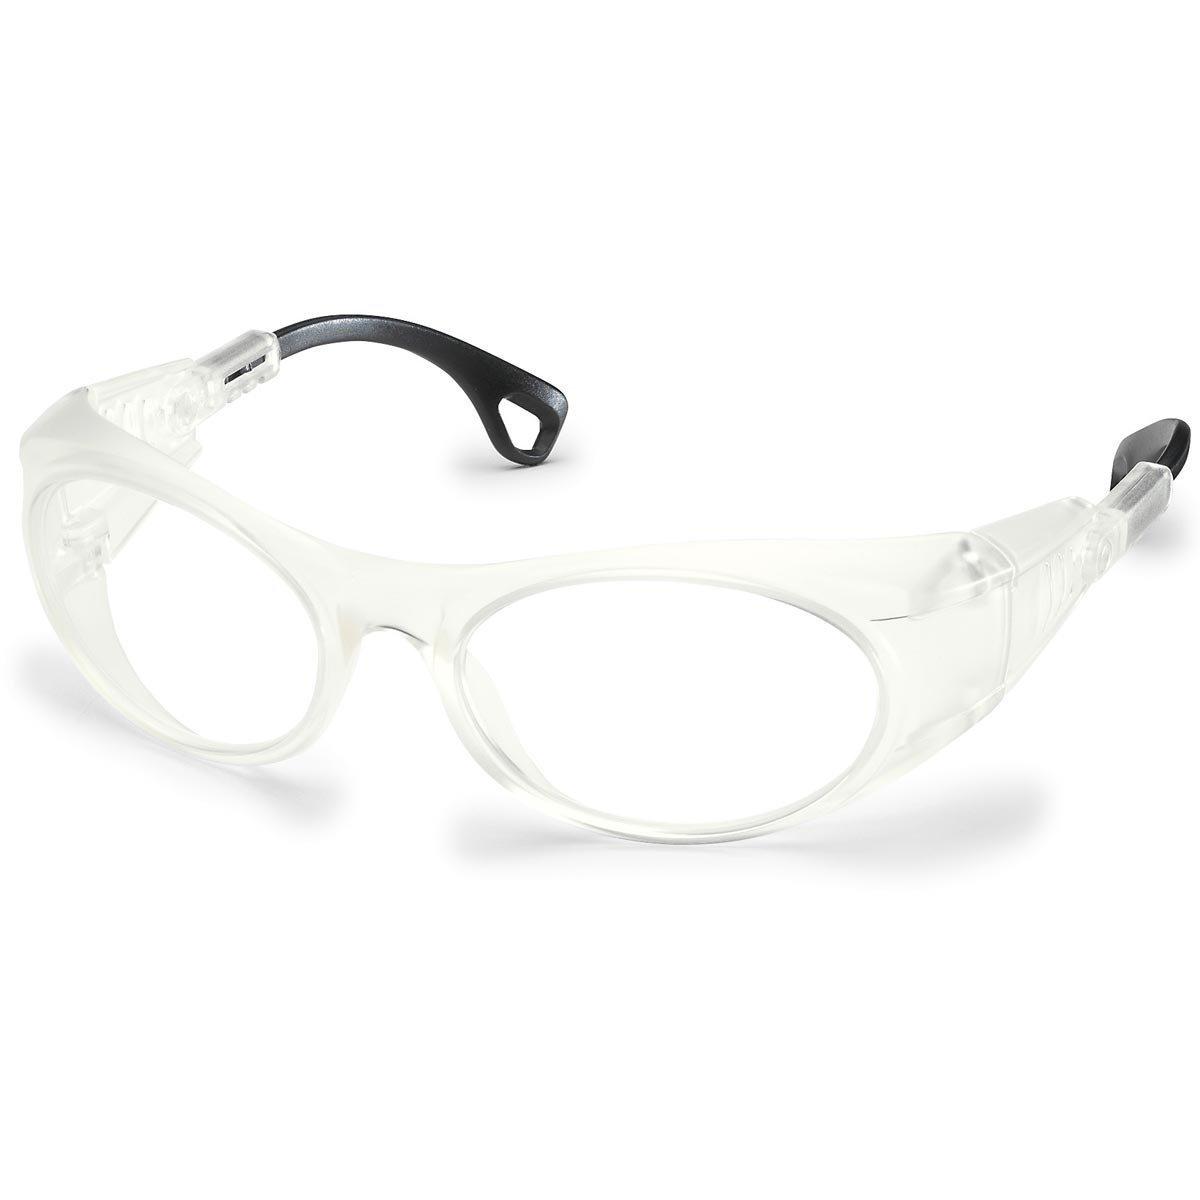 Uvex Korrektionsschutzbrille RX cd 5505 matt - Keine Entspiegelung